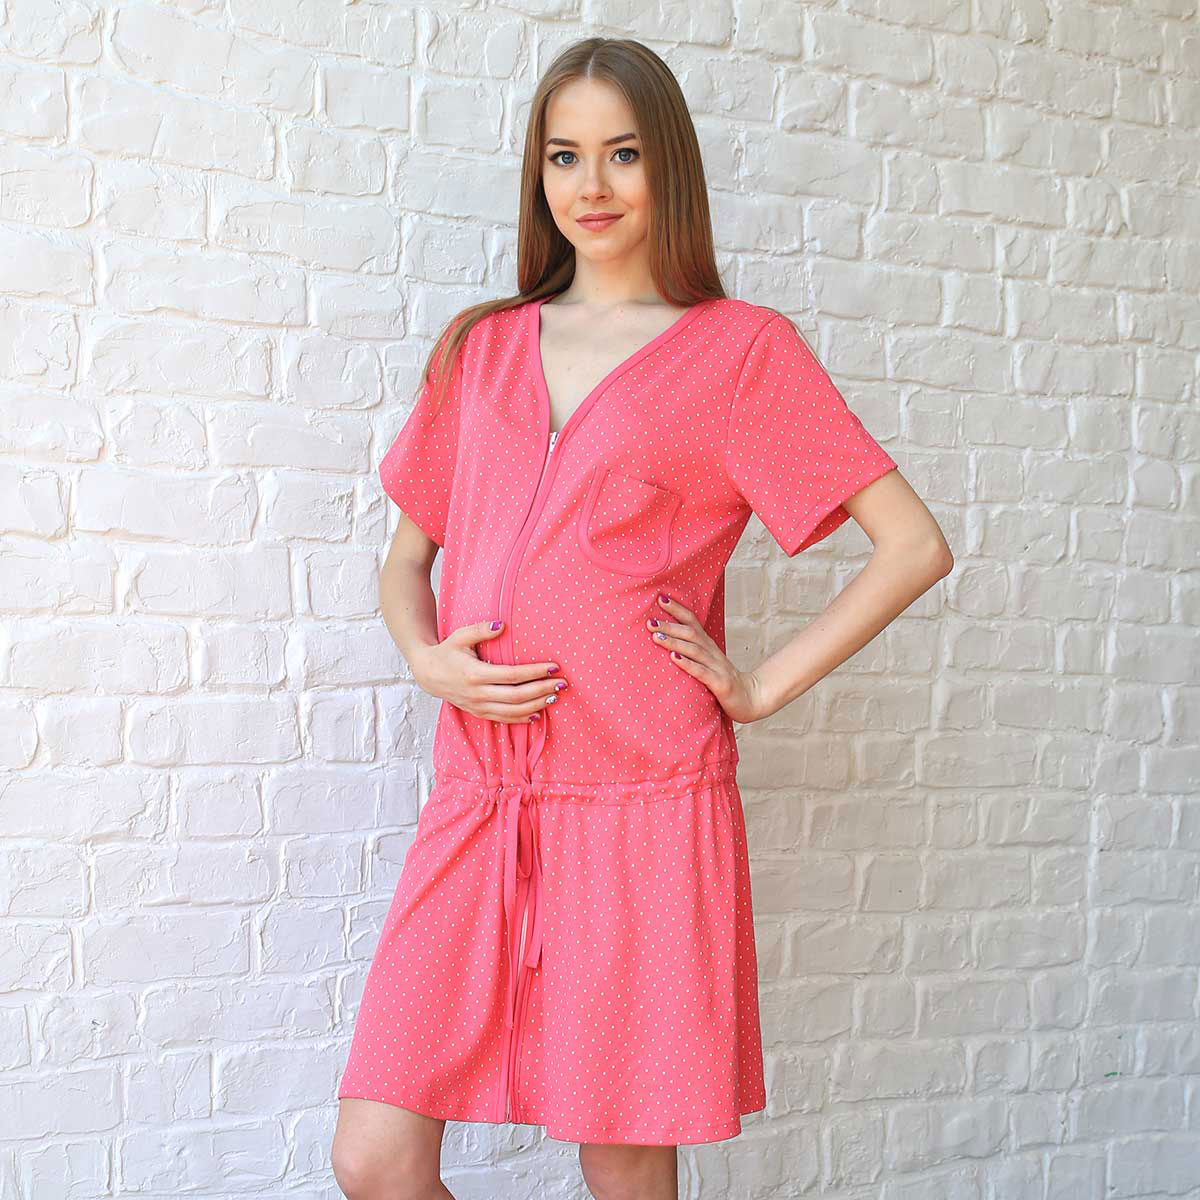 Халат для беременных и кормящих Фэст, цвет: розовый, белый. П62504А. Размер XS (42)П62504АЗамечательный домашний халат для беременных и кормящих мамочек. Застежка на молнию. Под животиком обработана кулиса с завязывающимся поясом. Фэст — одежда по вашей фигуре.